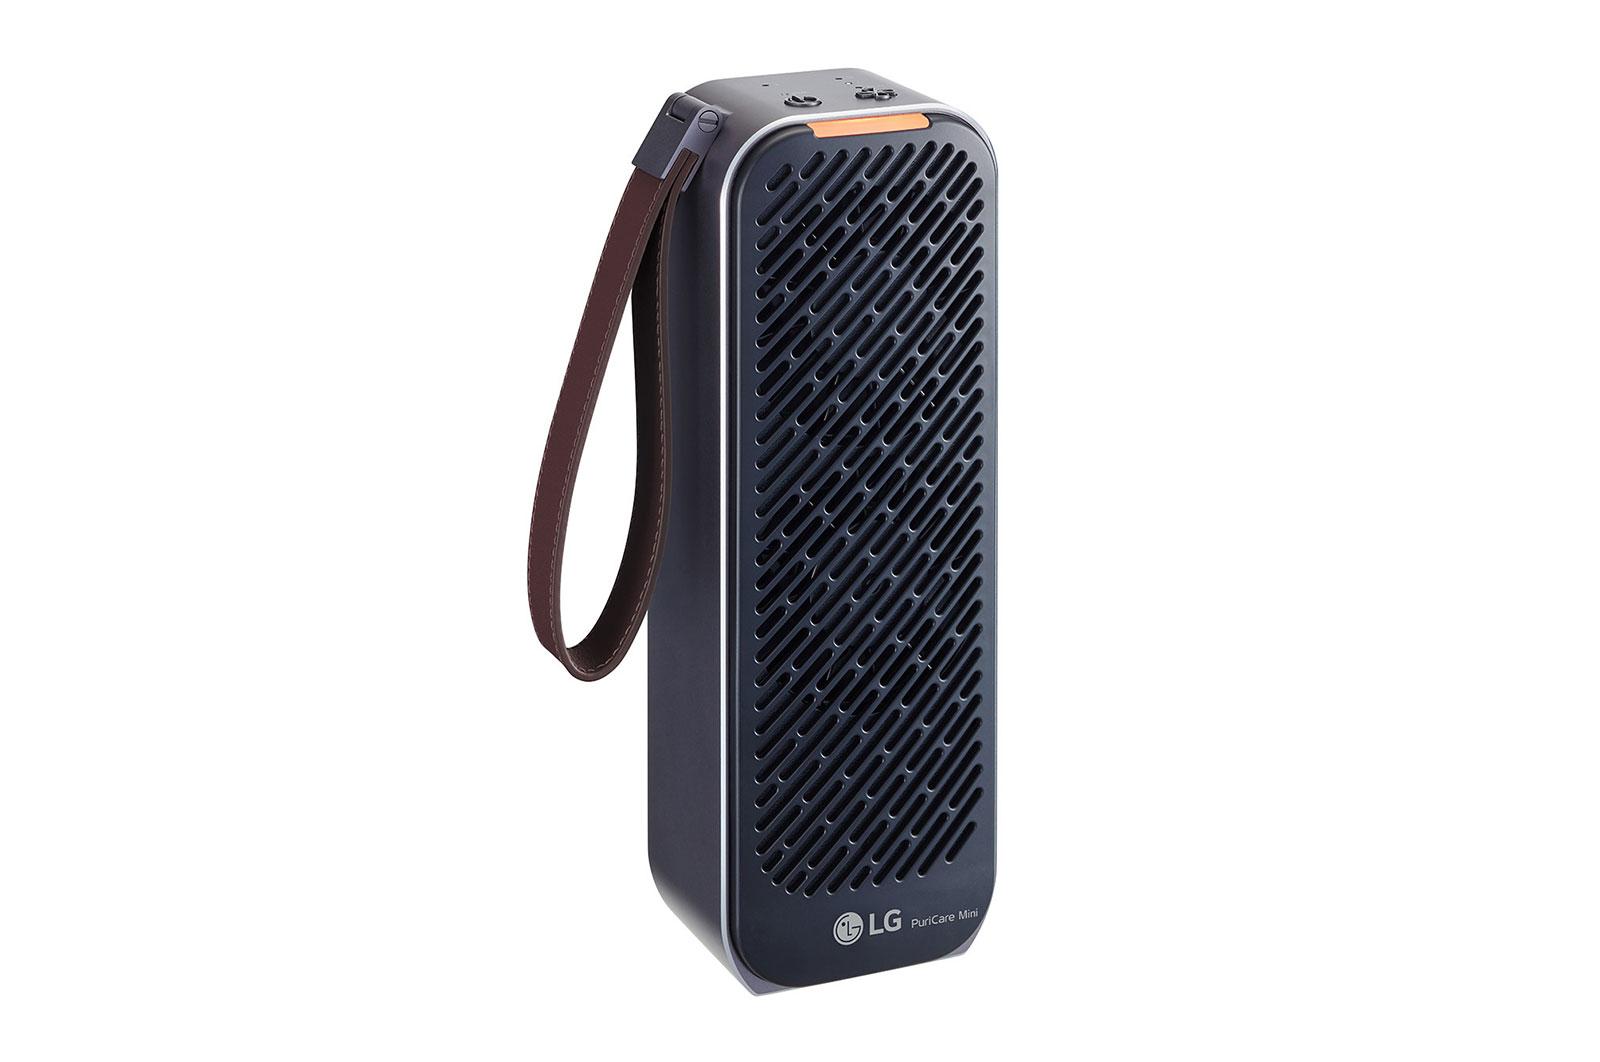 Máy lọc không khí LG PuriCare™ mini màu đen - Điện Máy Hà Nội LG puricare  mini